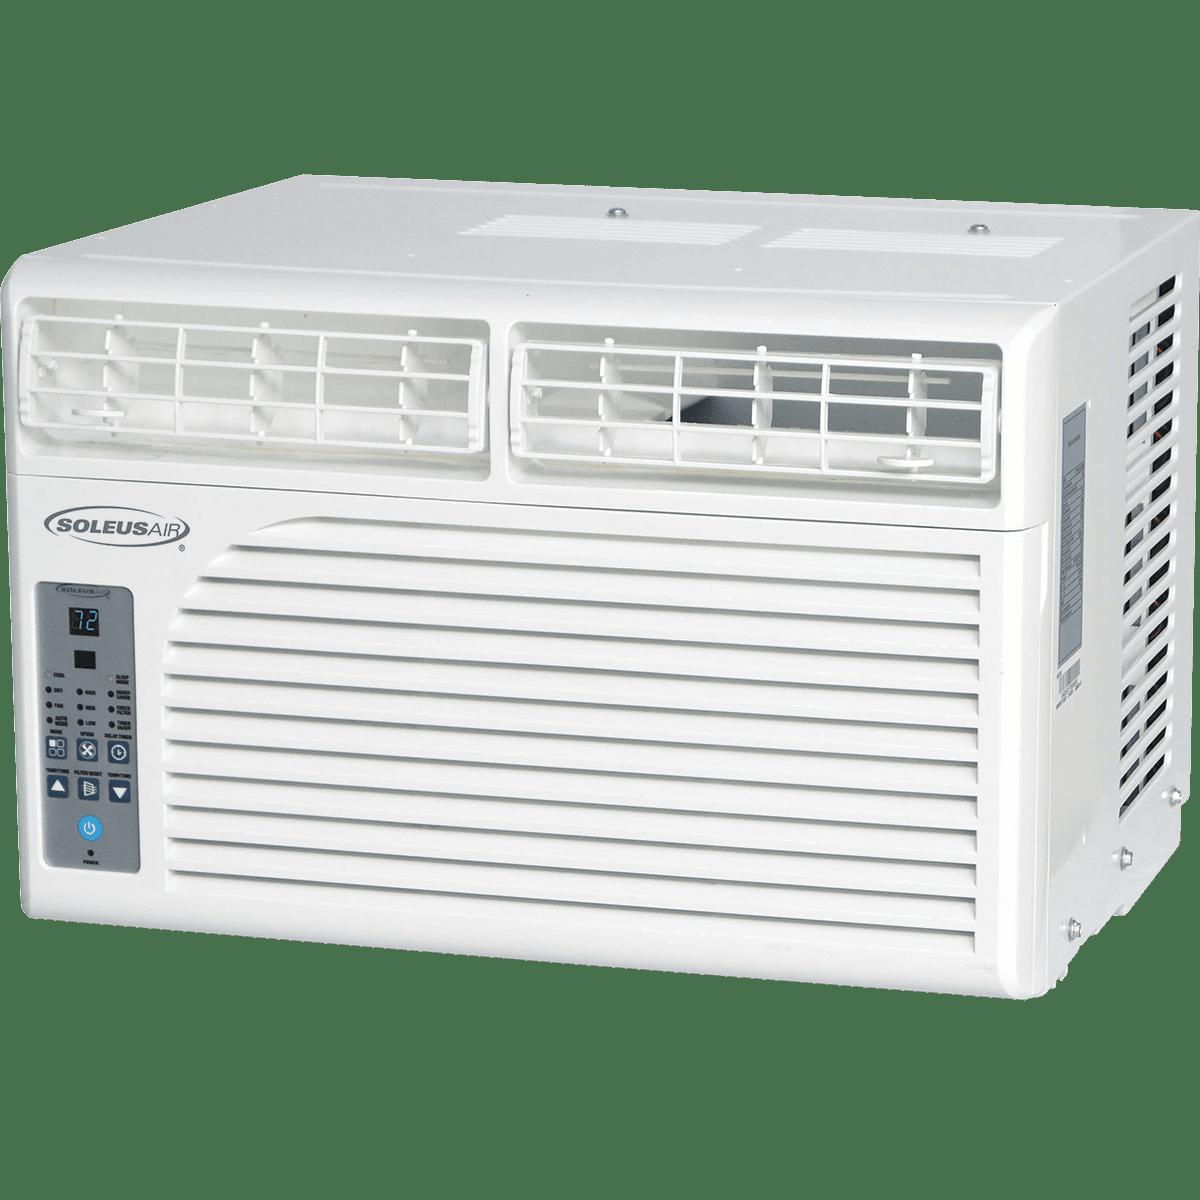 Soleus air 8000 btu portable air conditioner - Soleus Air Ws1 10e 01 Window Ac